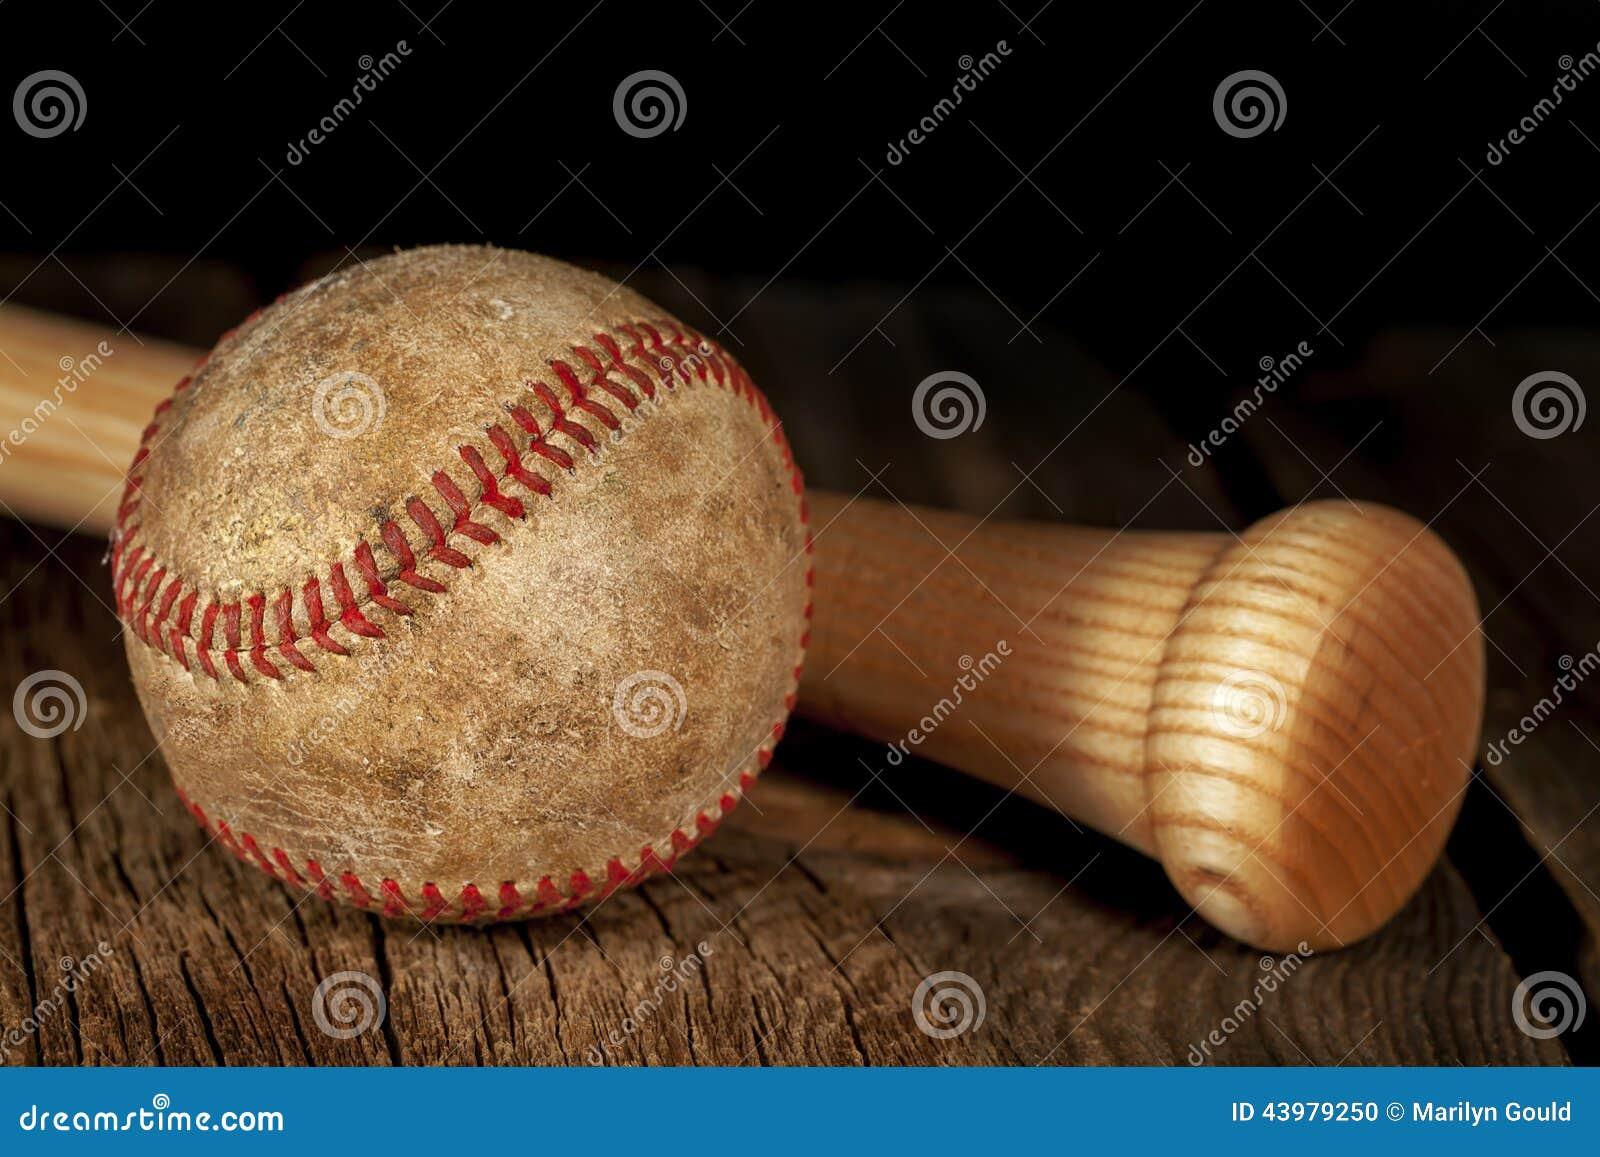 Old baseball and Bat